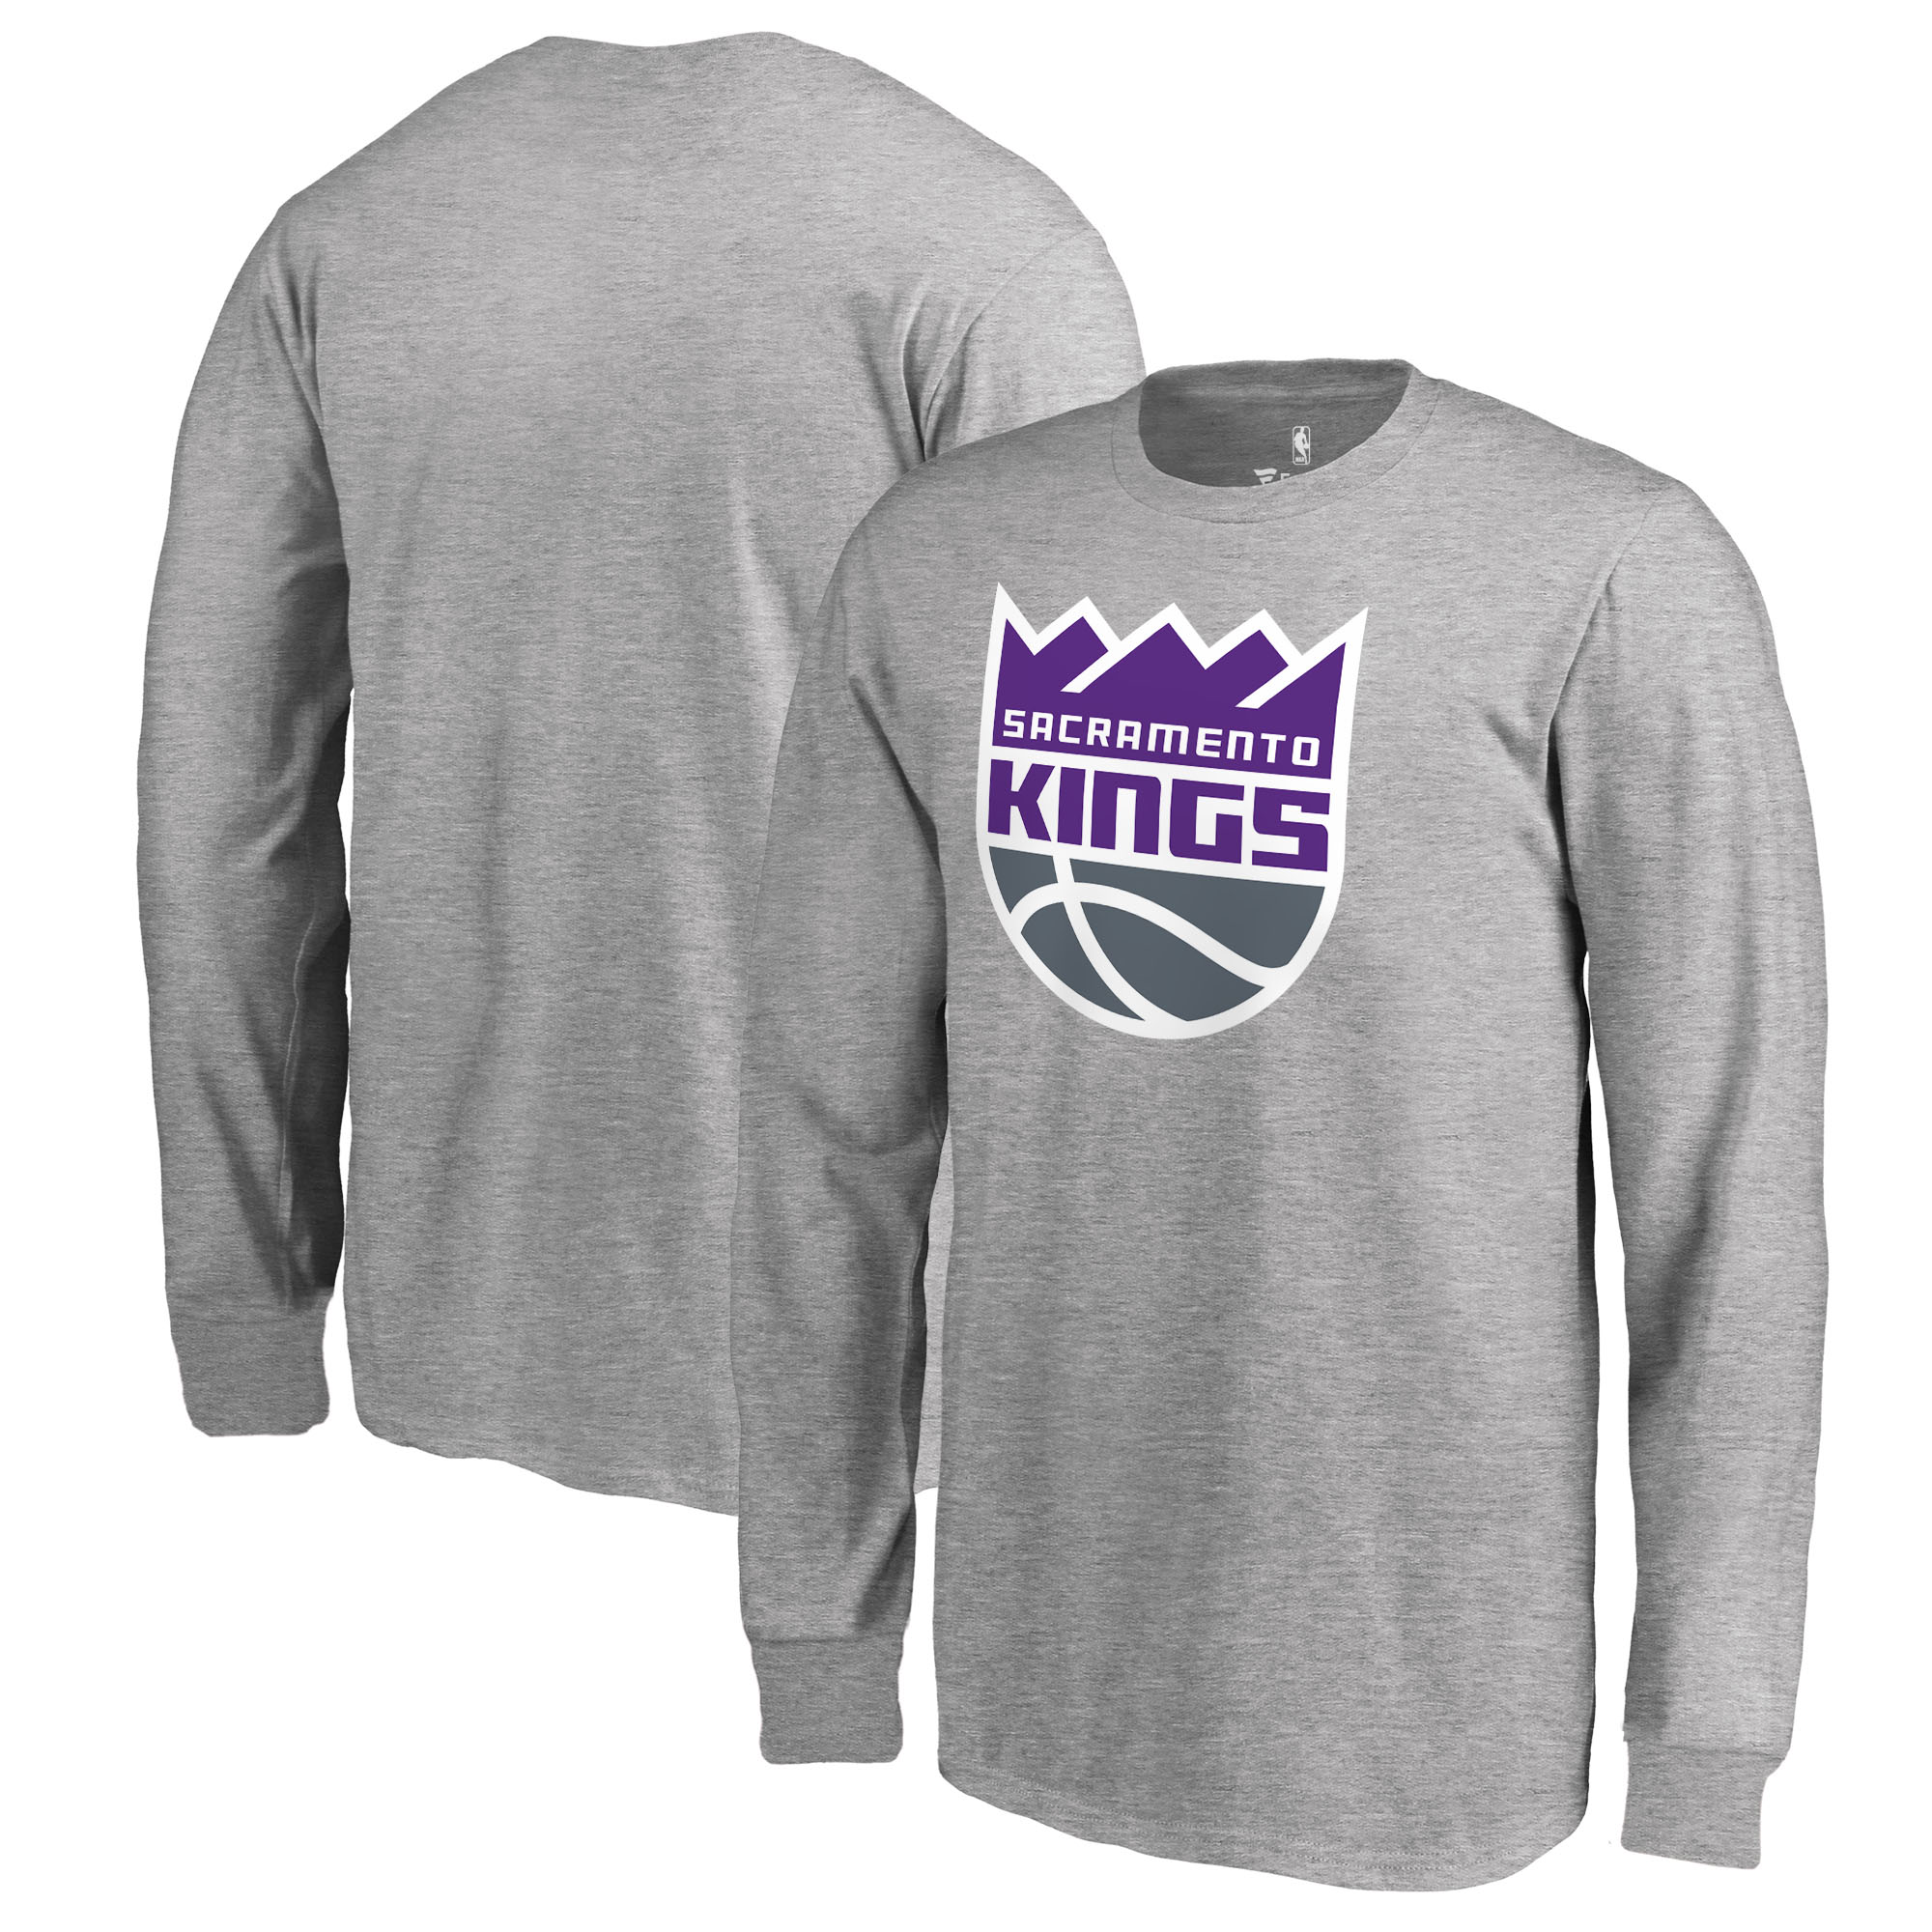 Sacramento Kings Fanatics Branded Youth Primary Logo Long Sleeve T-Shirt - Heathered Gray